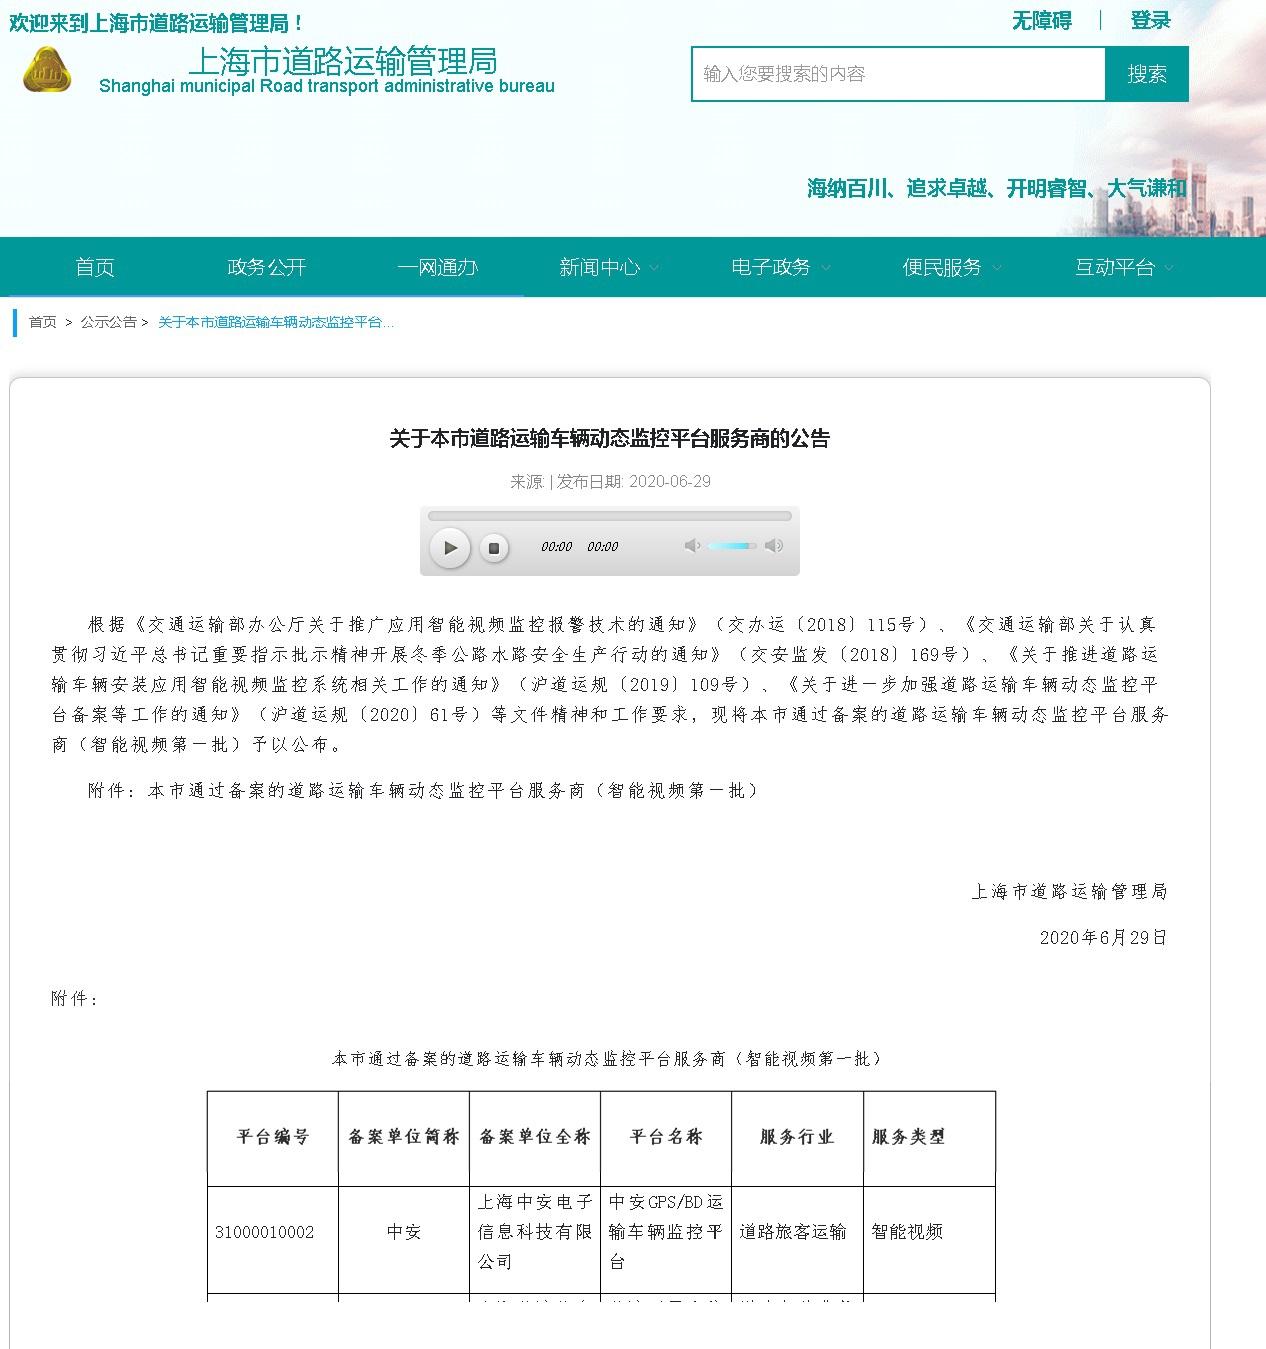 中安科技成为第一批上海市道路运输车辆动态监控平台服务商(2020/6/30)